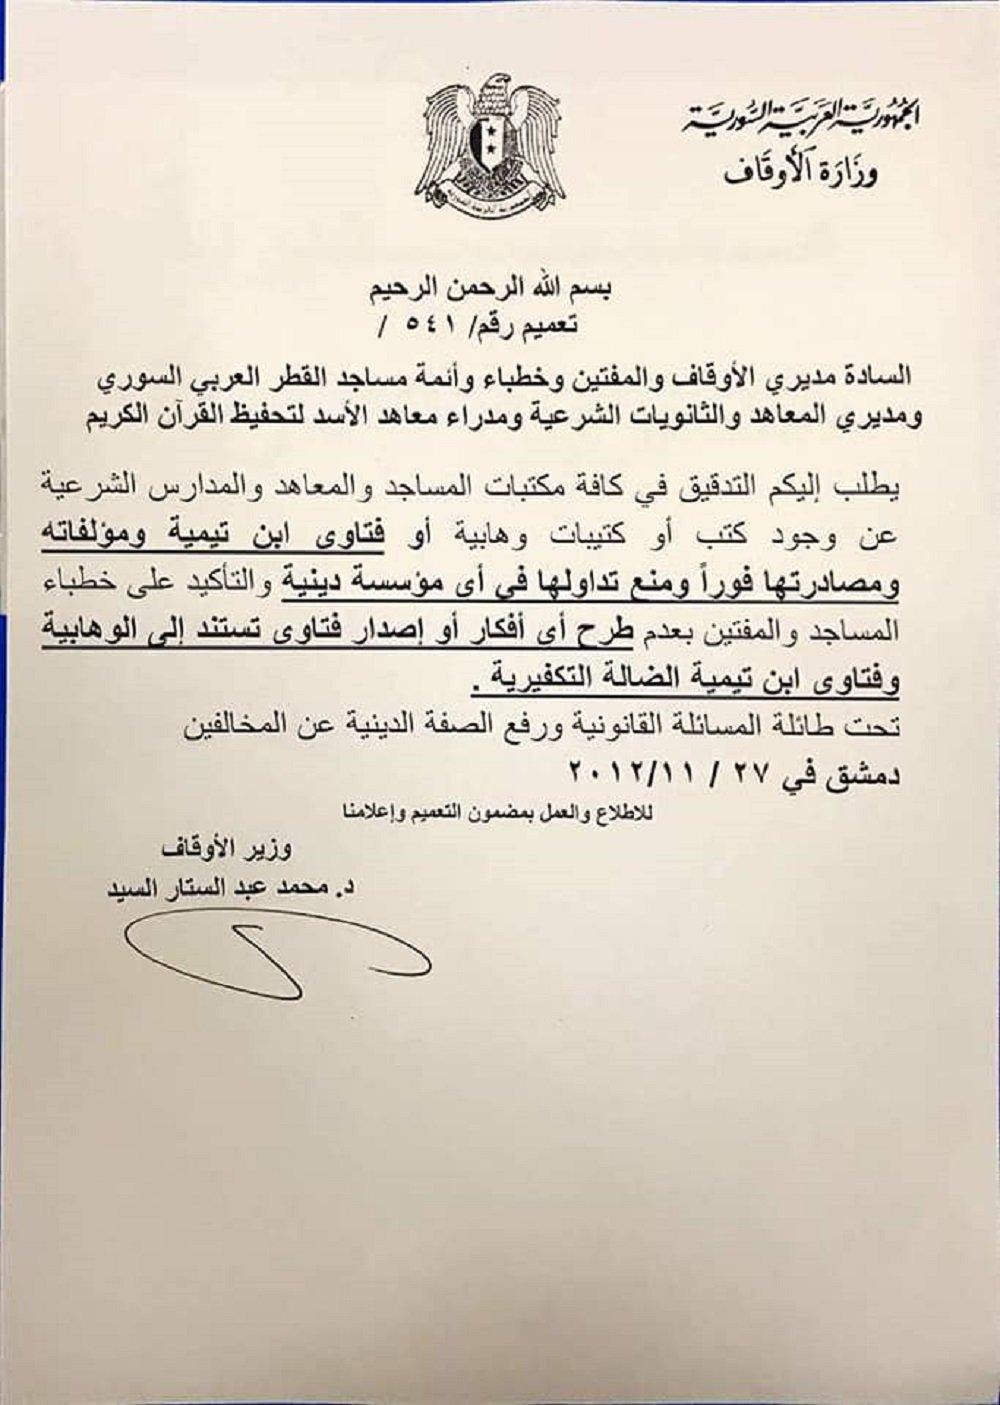 تعميم وزارة الأوقاف السورية بخصوص التخلص من كتب الوهابية